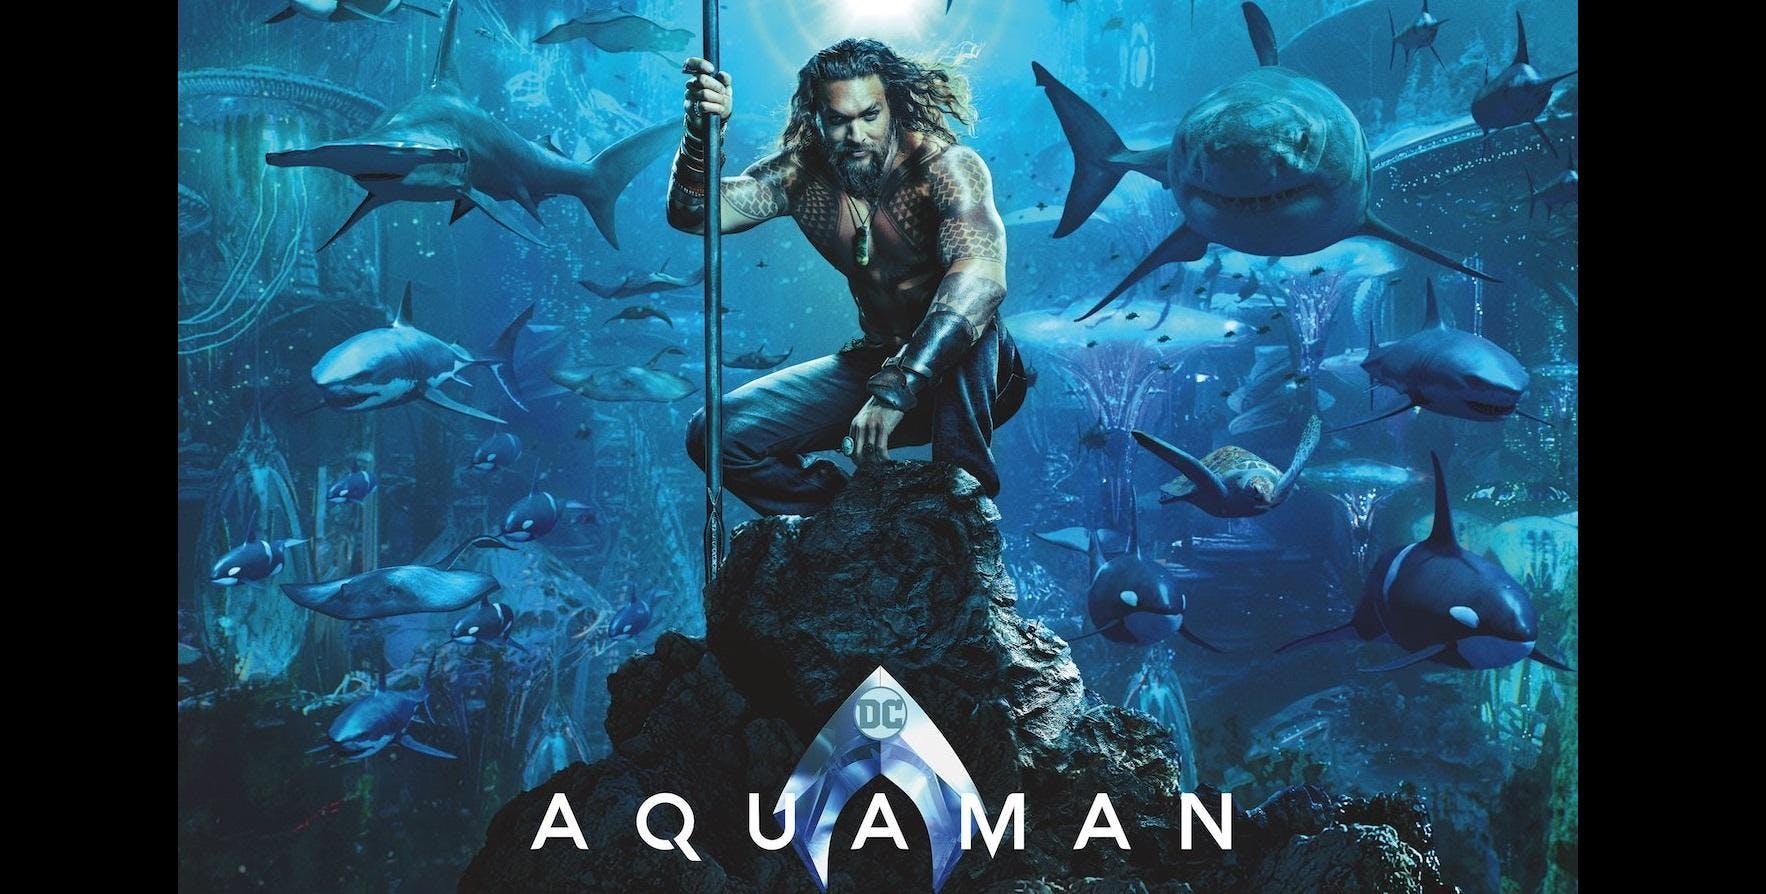 Aquaman - Just VU-ing